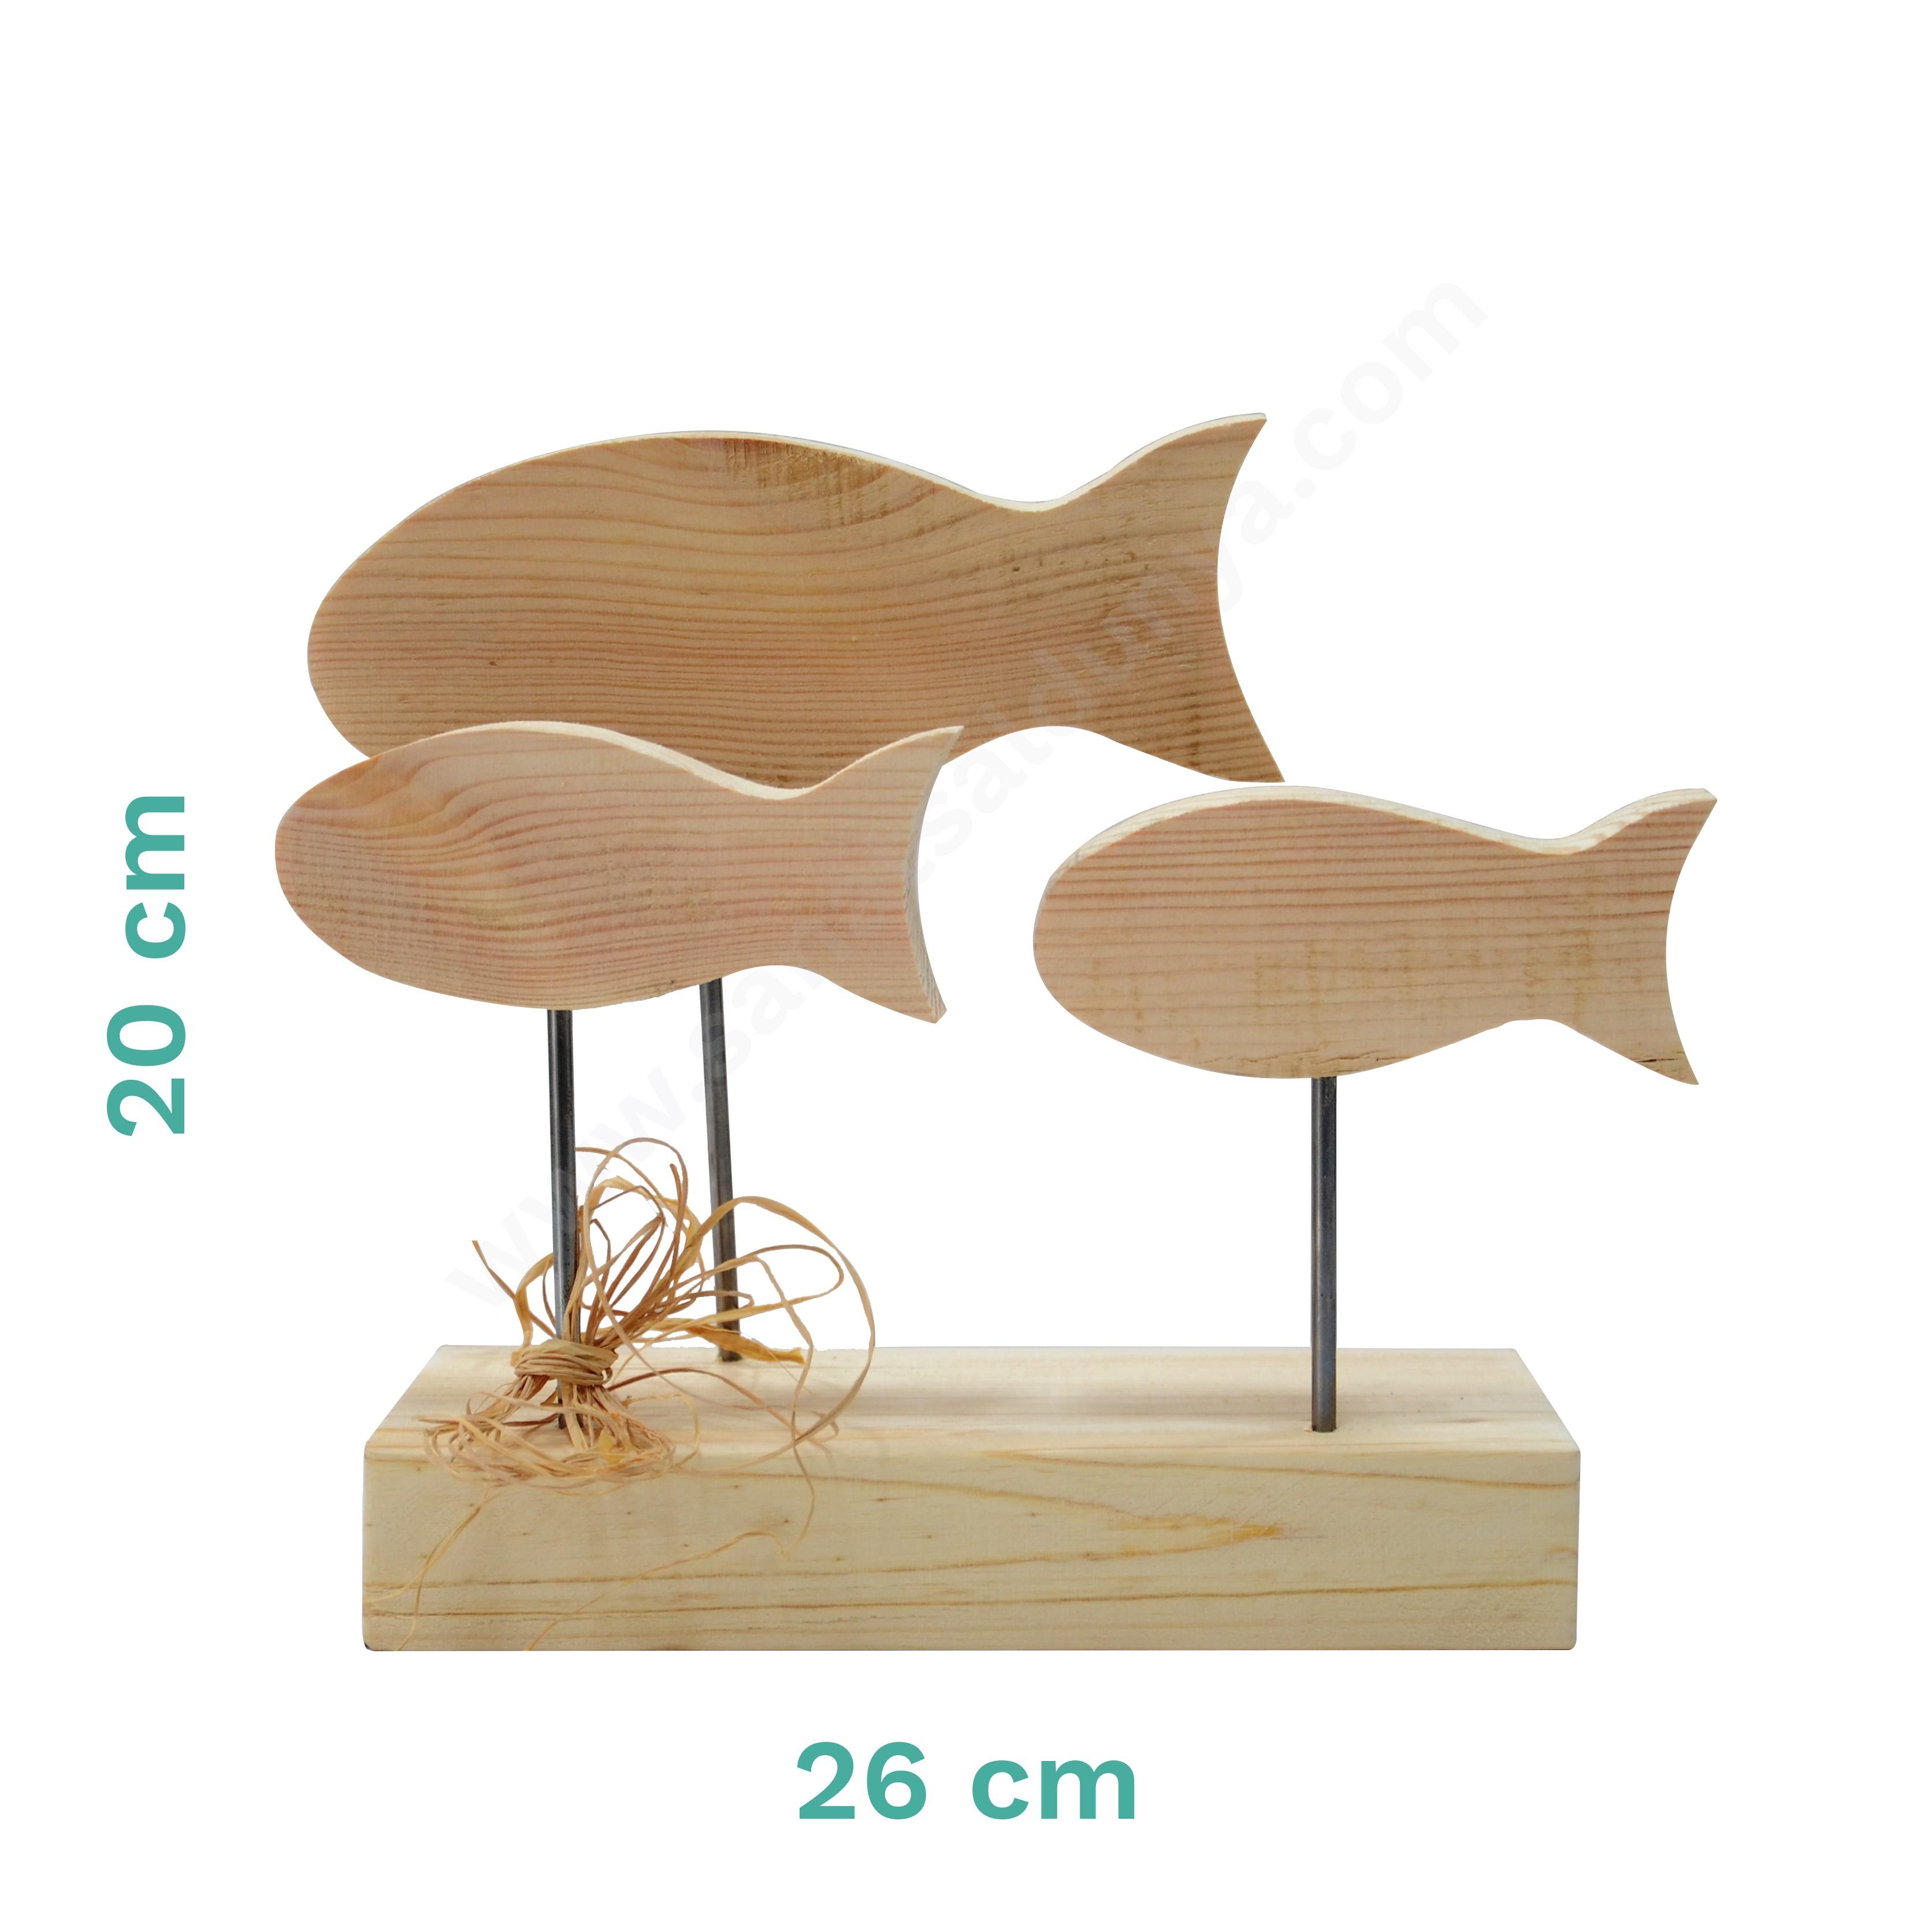 Bizart Ayaklı 3'lü Balık Ahşap Obje